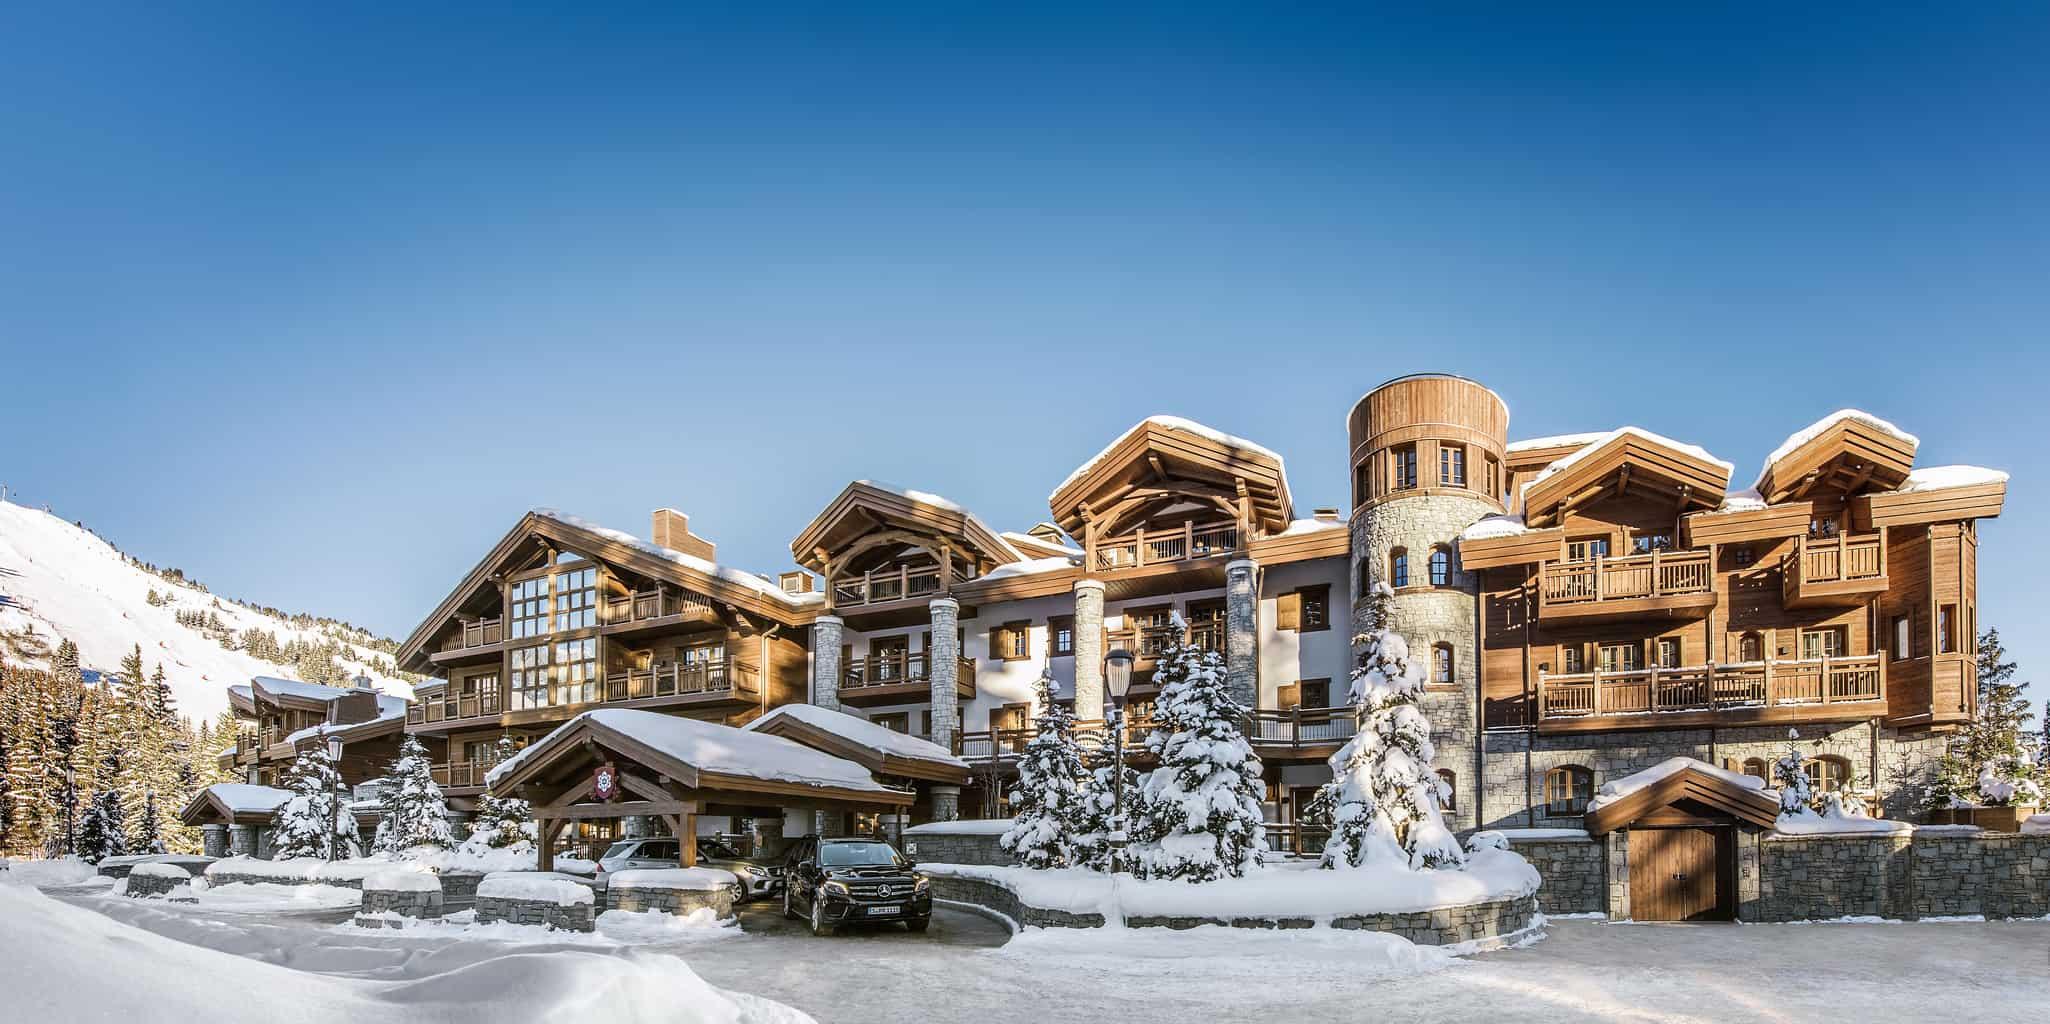 Com-o-estilo-dos-chalés-das-montanhas-o-LApogee-Courchevel-é-um-refúgio-de-inverno-perfeito-para-viagens-especiais-realizadas-a-dois.